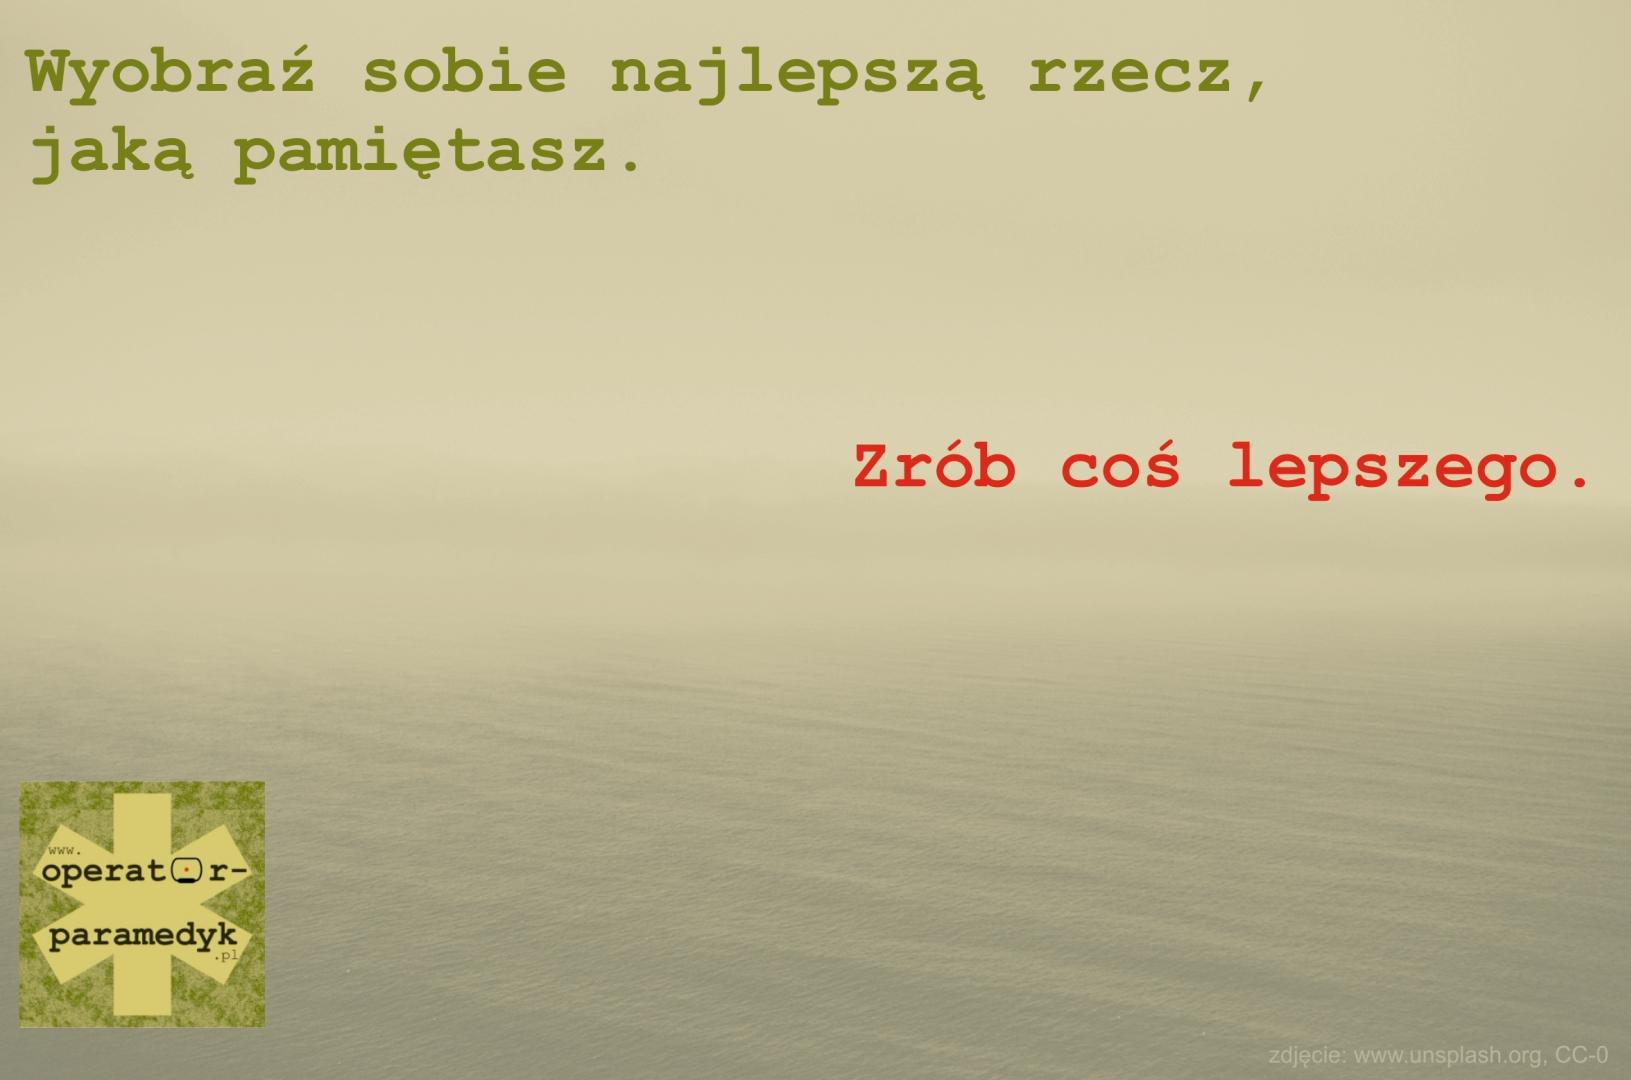 zdjęcie: unsplash.com, CC-0